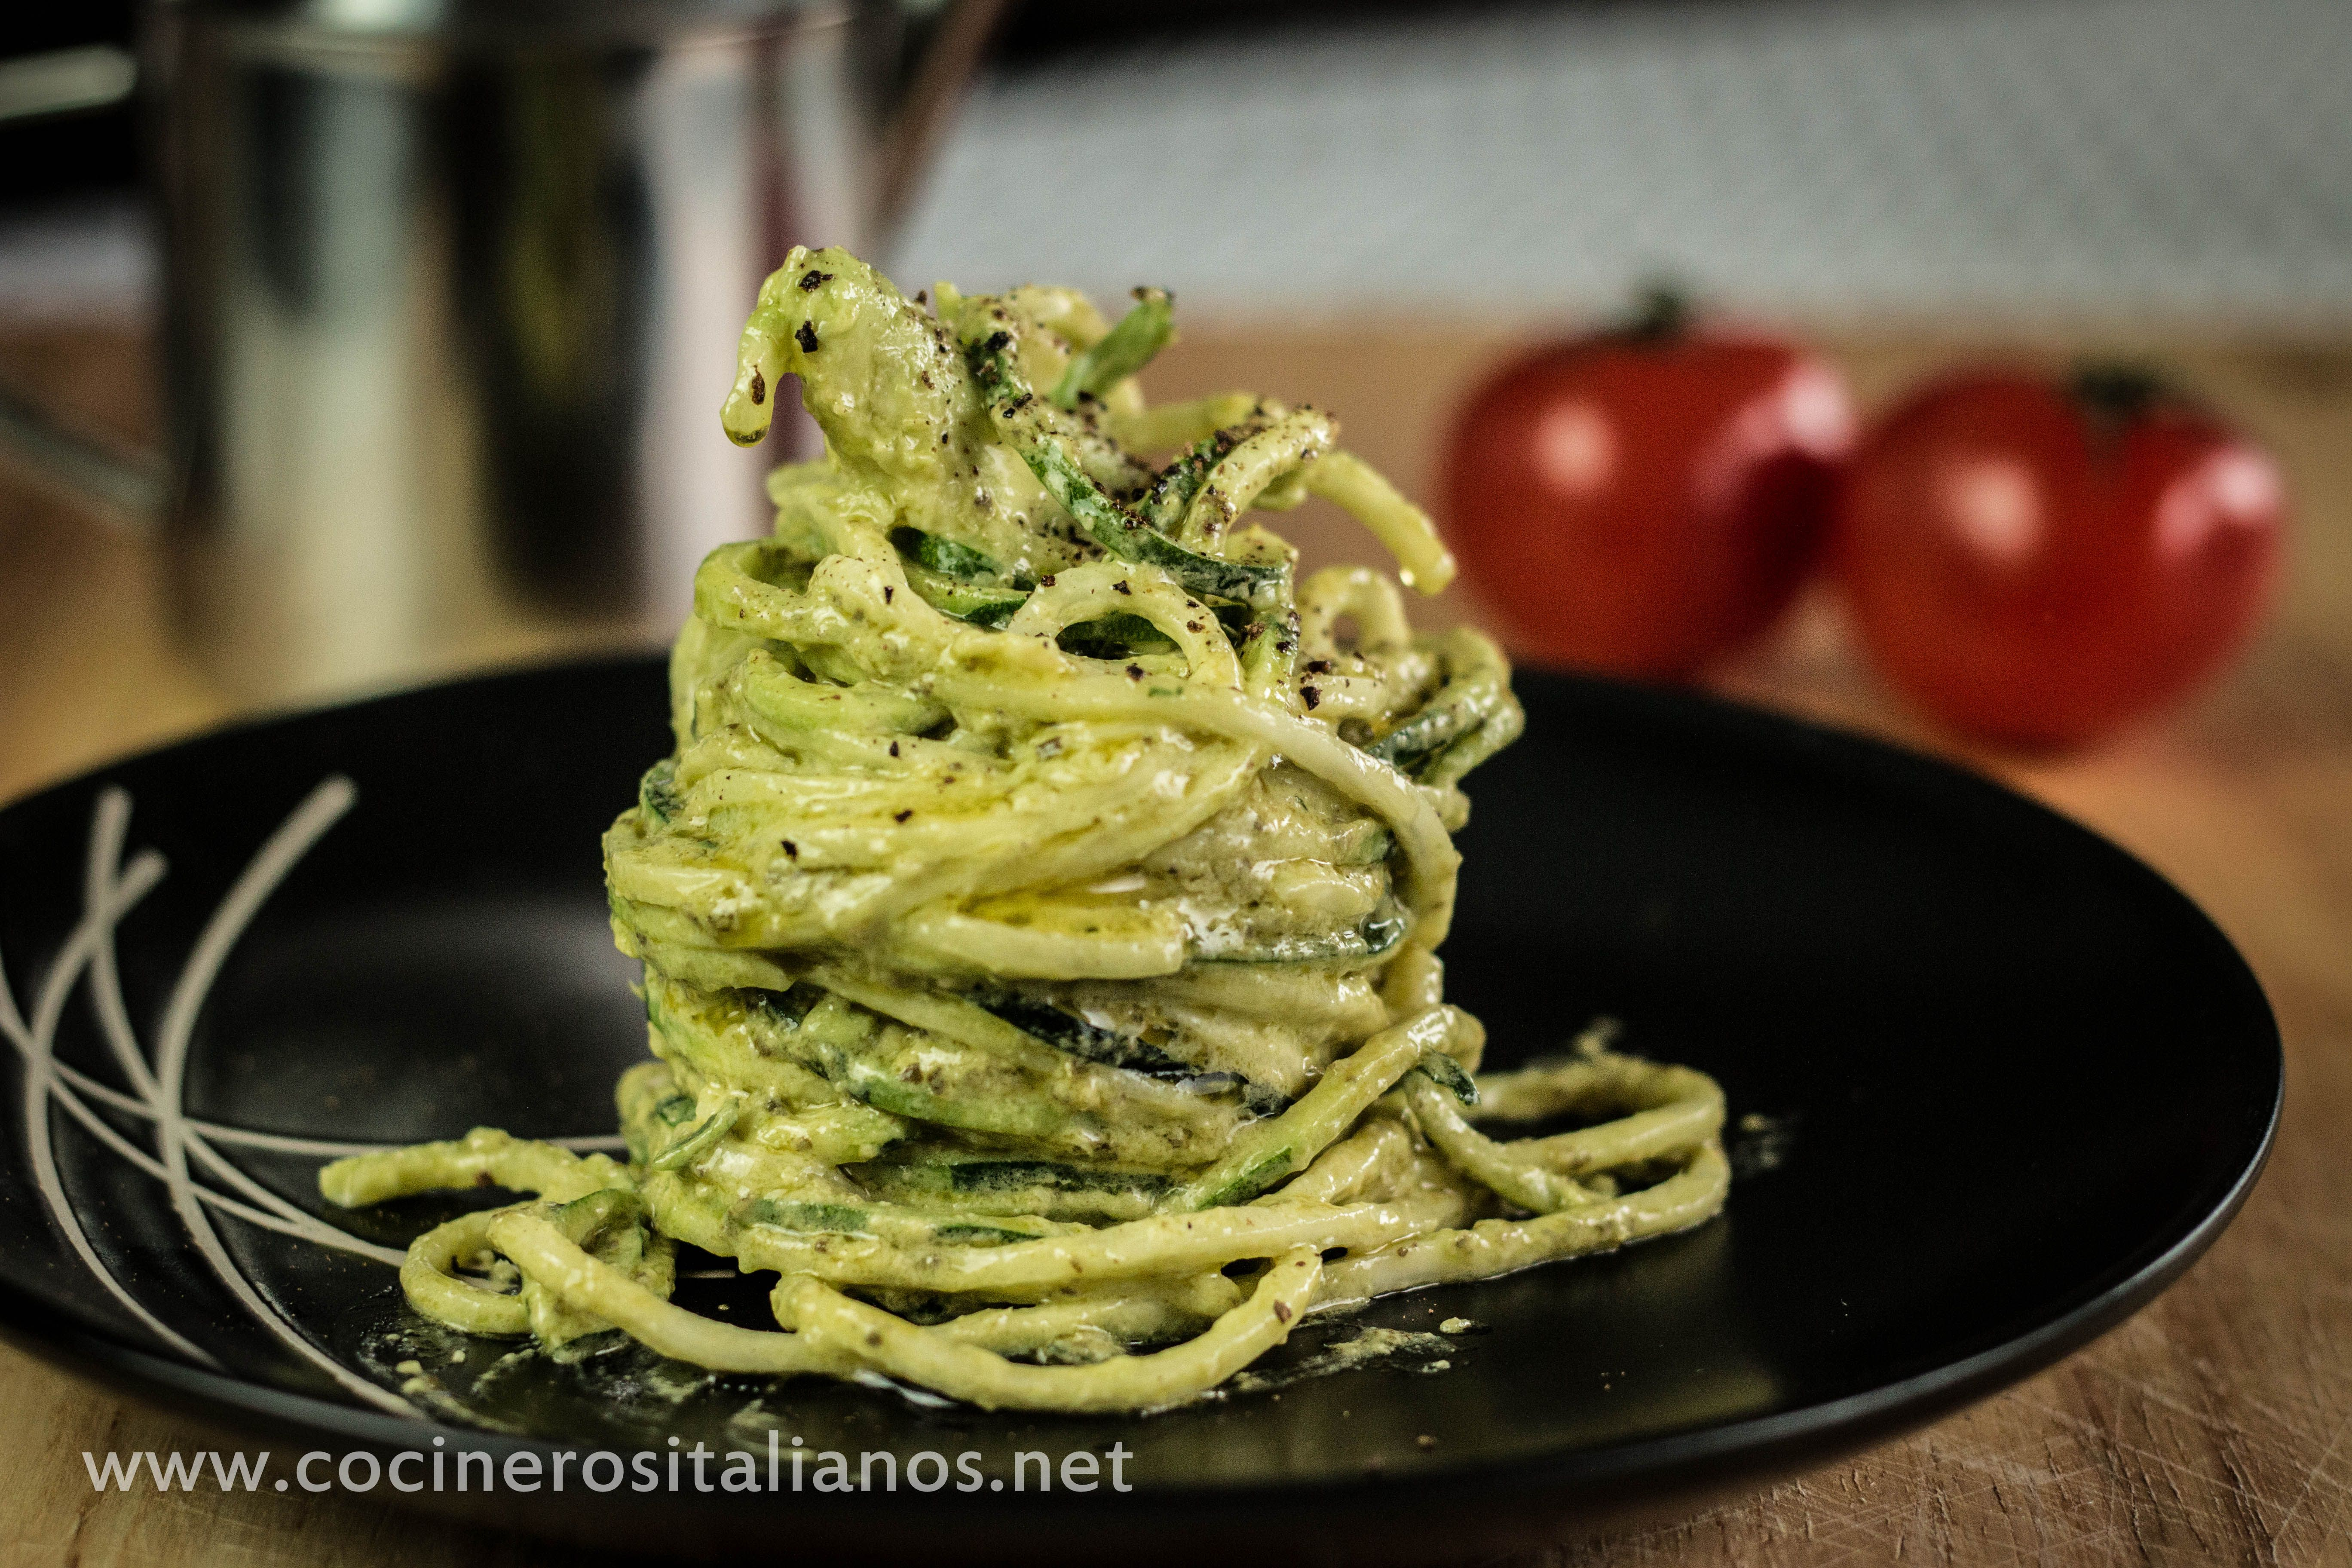 Cómo Hacer Espaguetis De Calabacin Con Aguacate Y Pesto De Albahaca Pasta Sin Past Espaguetis De Calabacín Espagueti Con Verduras Receta Para Hacer Espagueti